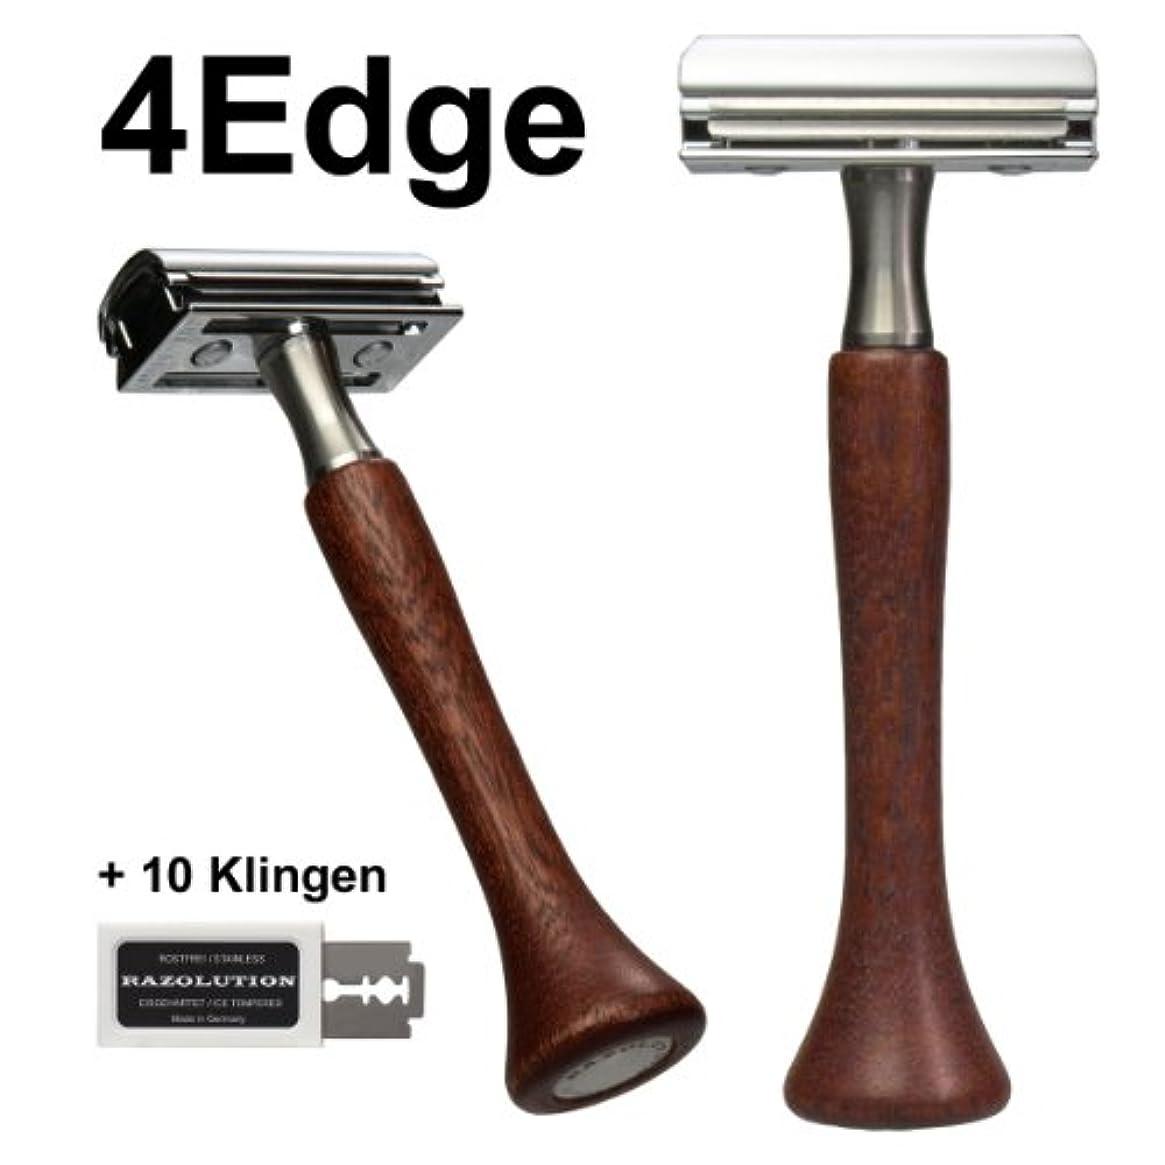 政策凶暴な冷ややかなRAZOLUTION 4Edge Safety razor, Mahogany handle